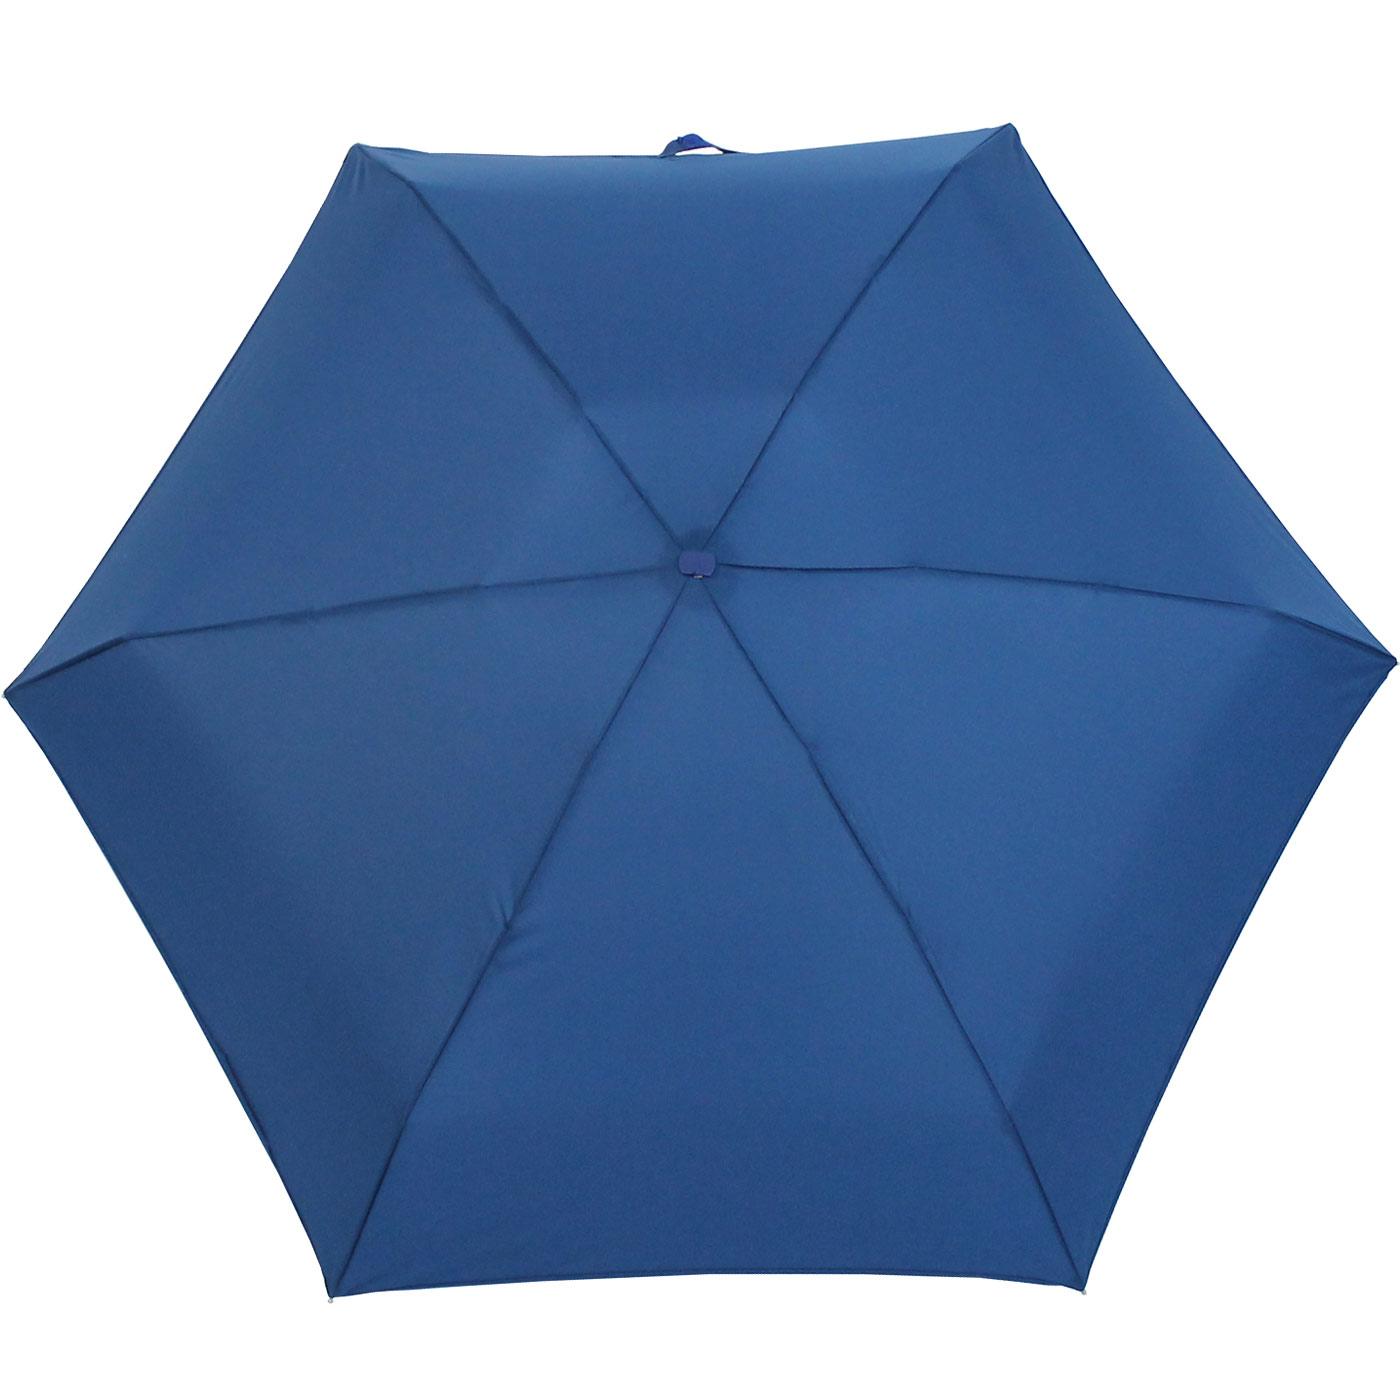 Regenschirm-Super-Mini-Taschenschirm-Damen-Herren-winzig-klein-leicht-im-Etui Indexbild 18